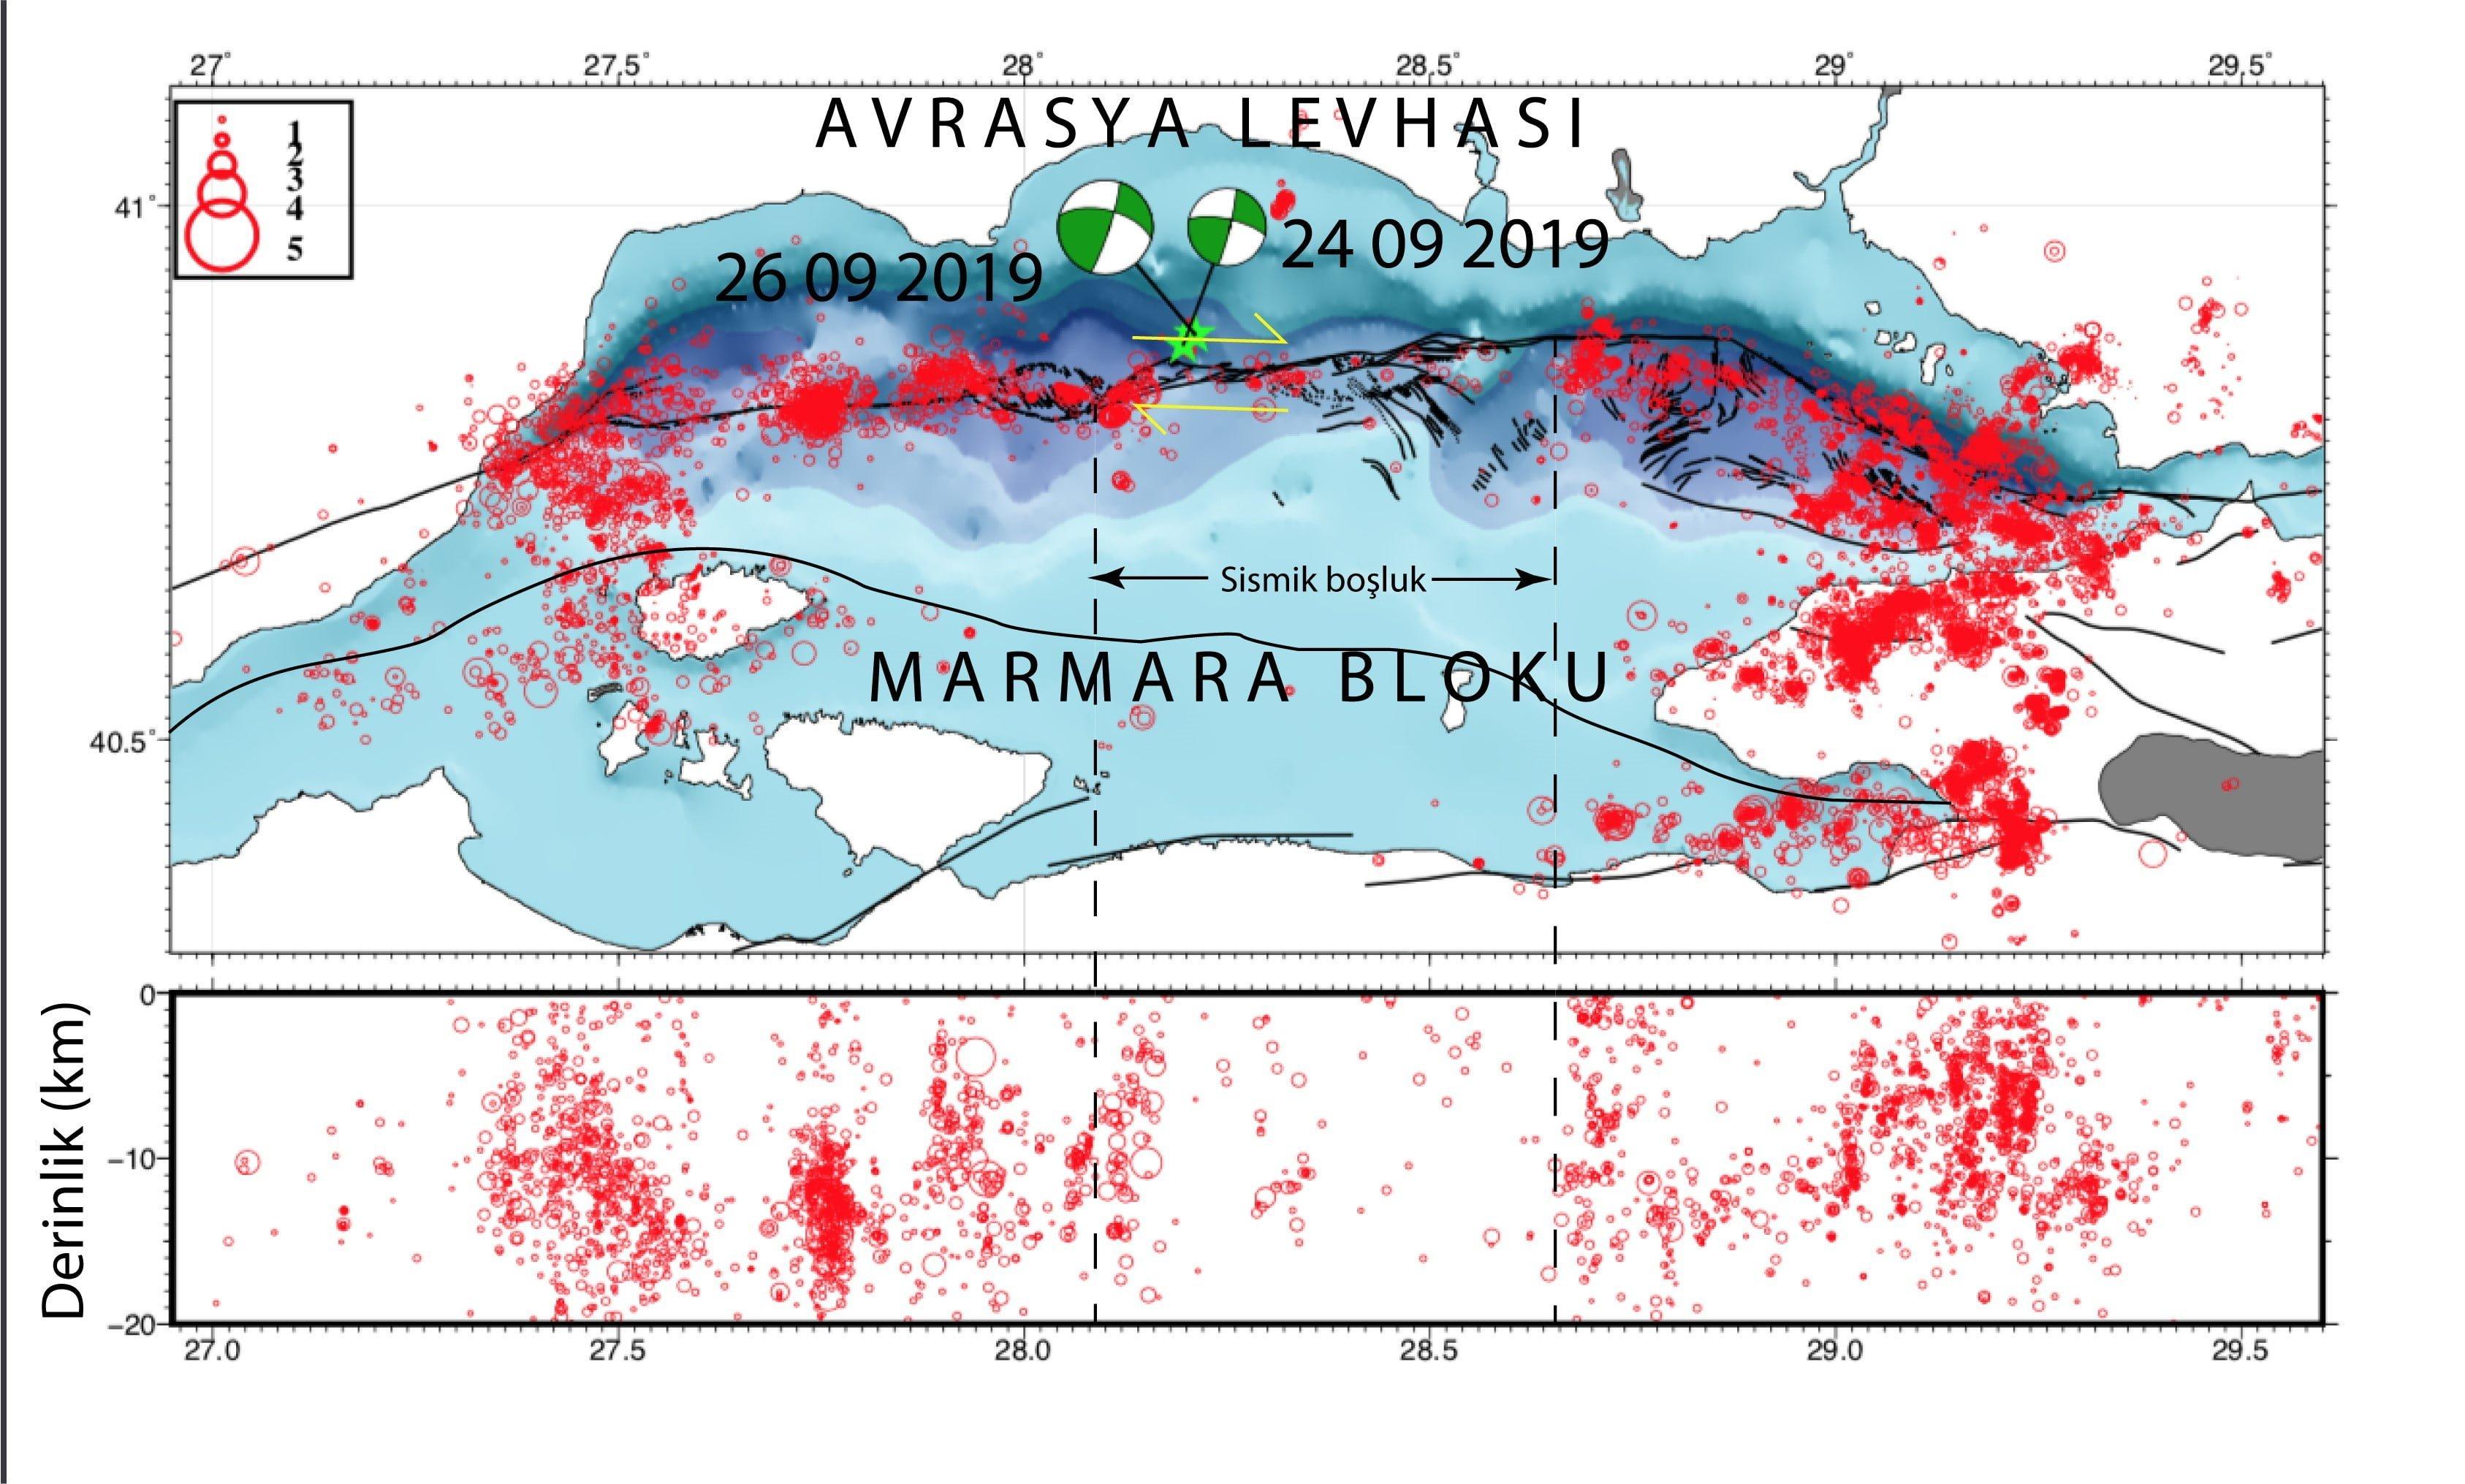 İstanbul Teknik Üniversitesi Deprem İle İlgili Bilimsel Açıklama Yayınladı.